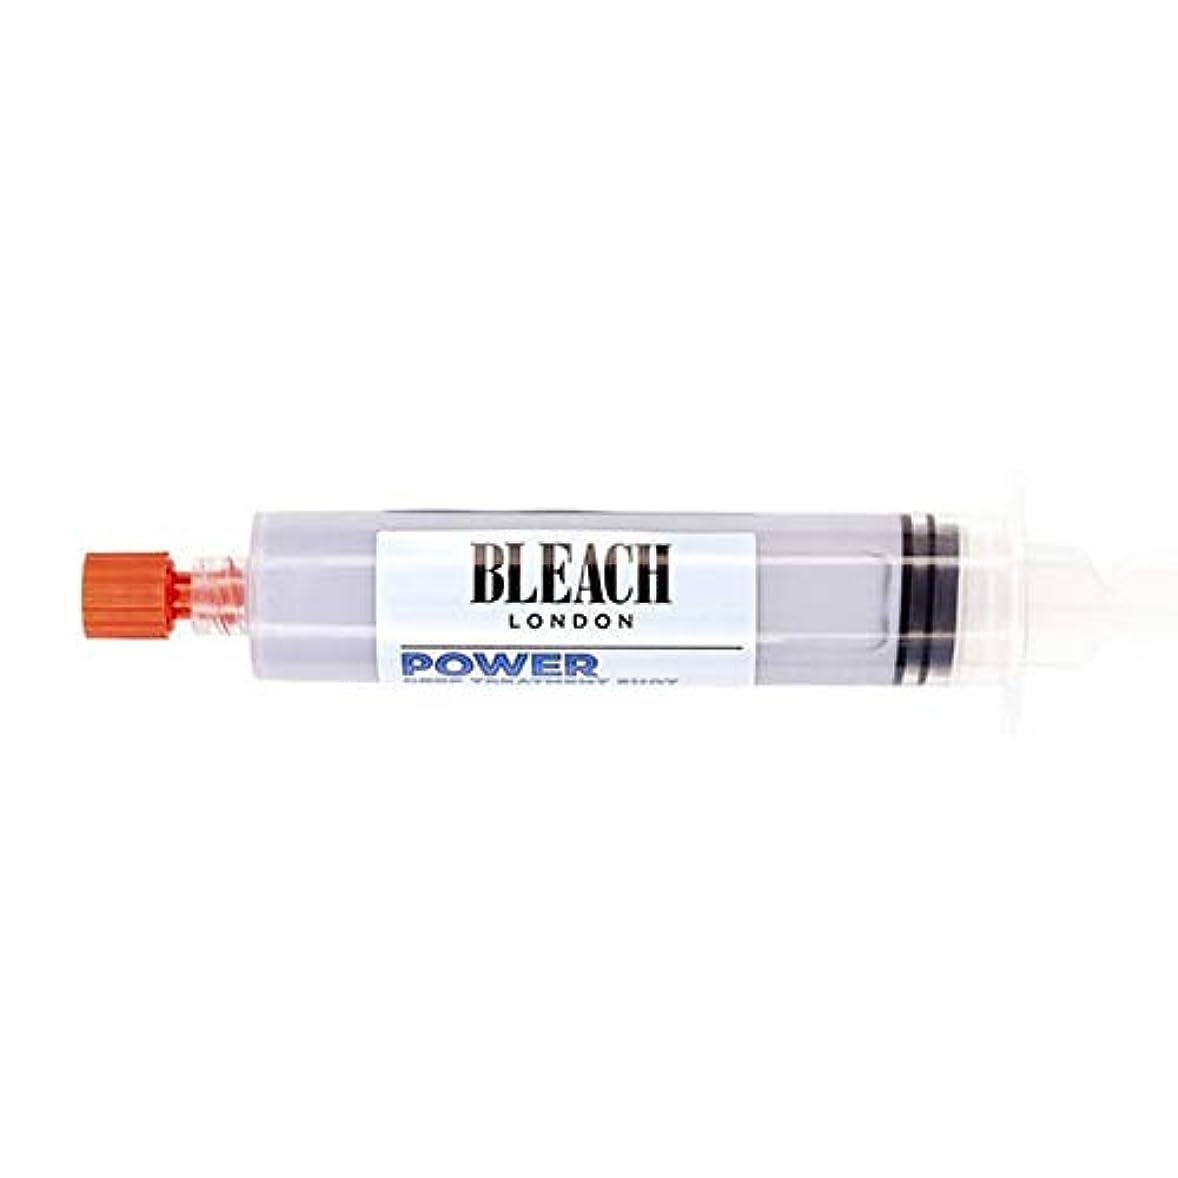 相反するイチゴオーストラリア[Bleach London ] 漂白ロンドン治療ショット - ディープパワー - Bleach London Treatment Shot - Power Deep [並行輸入品]